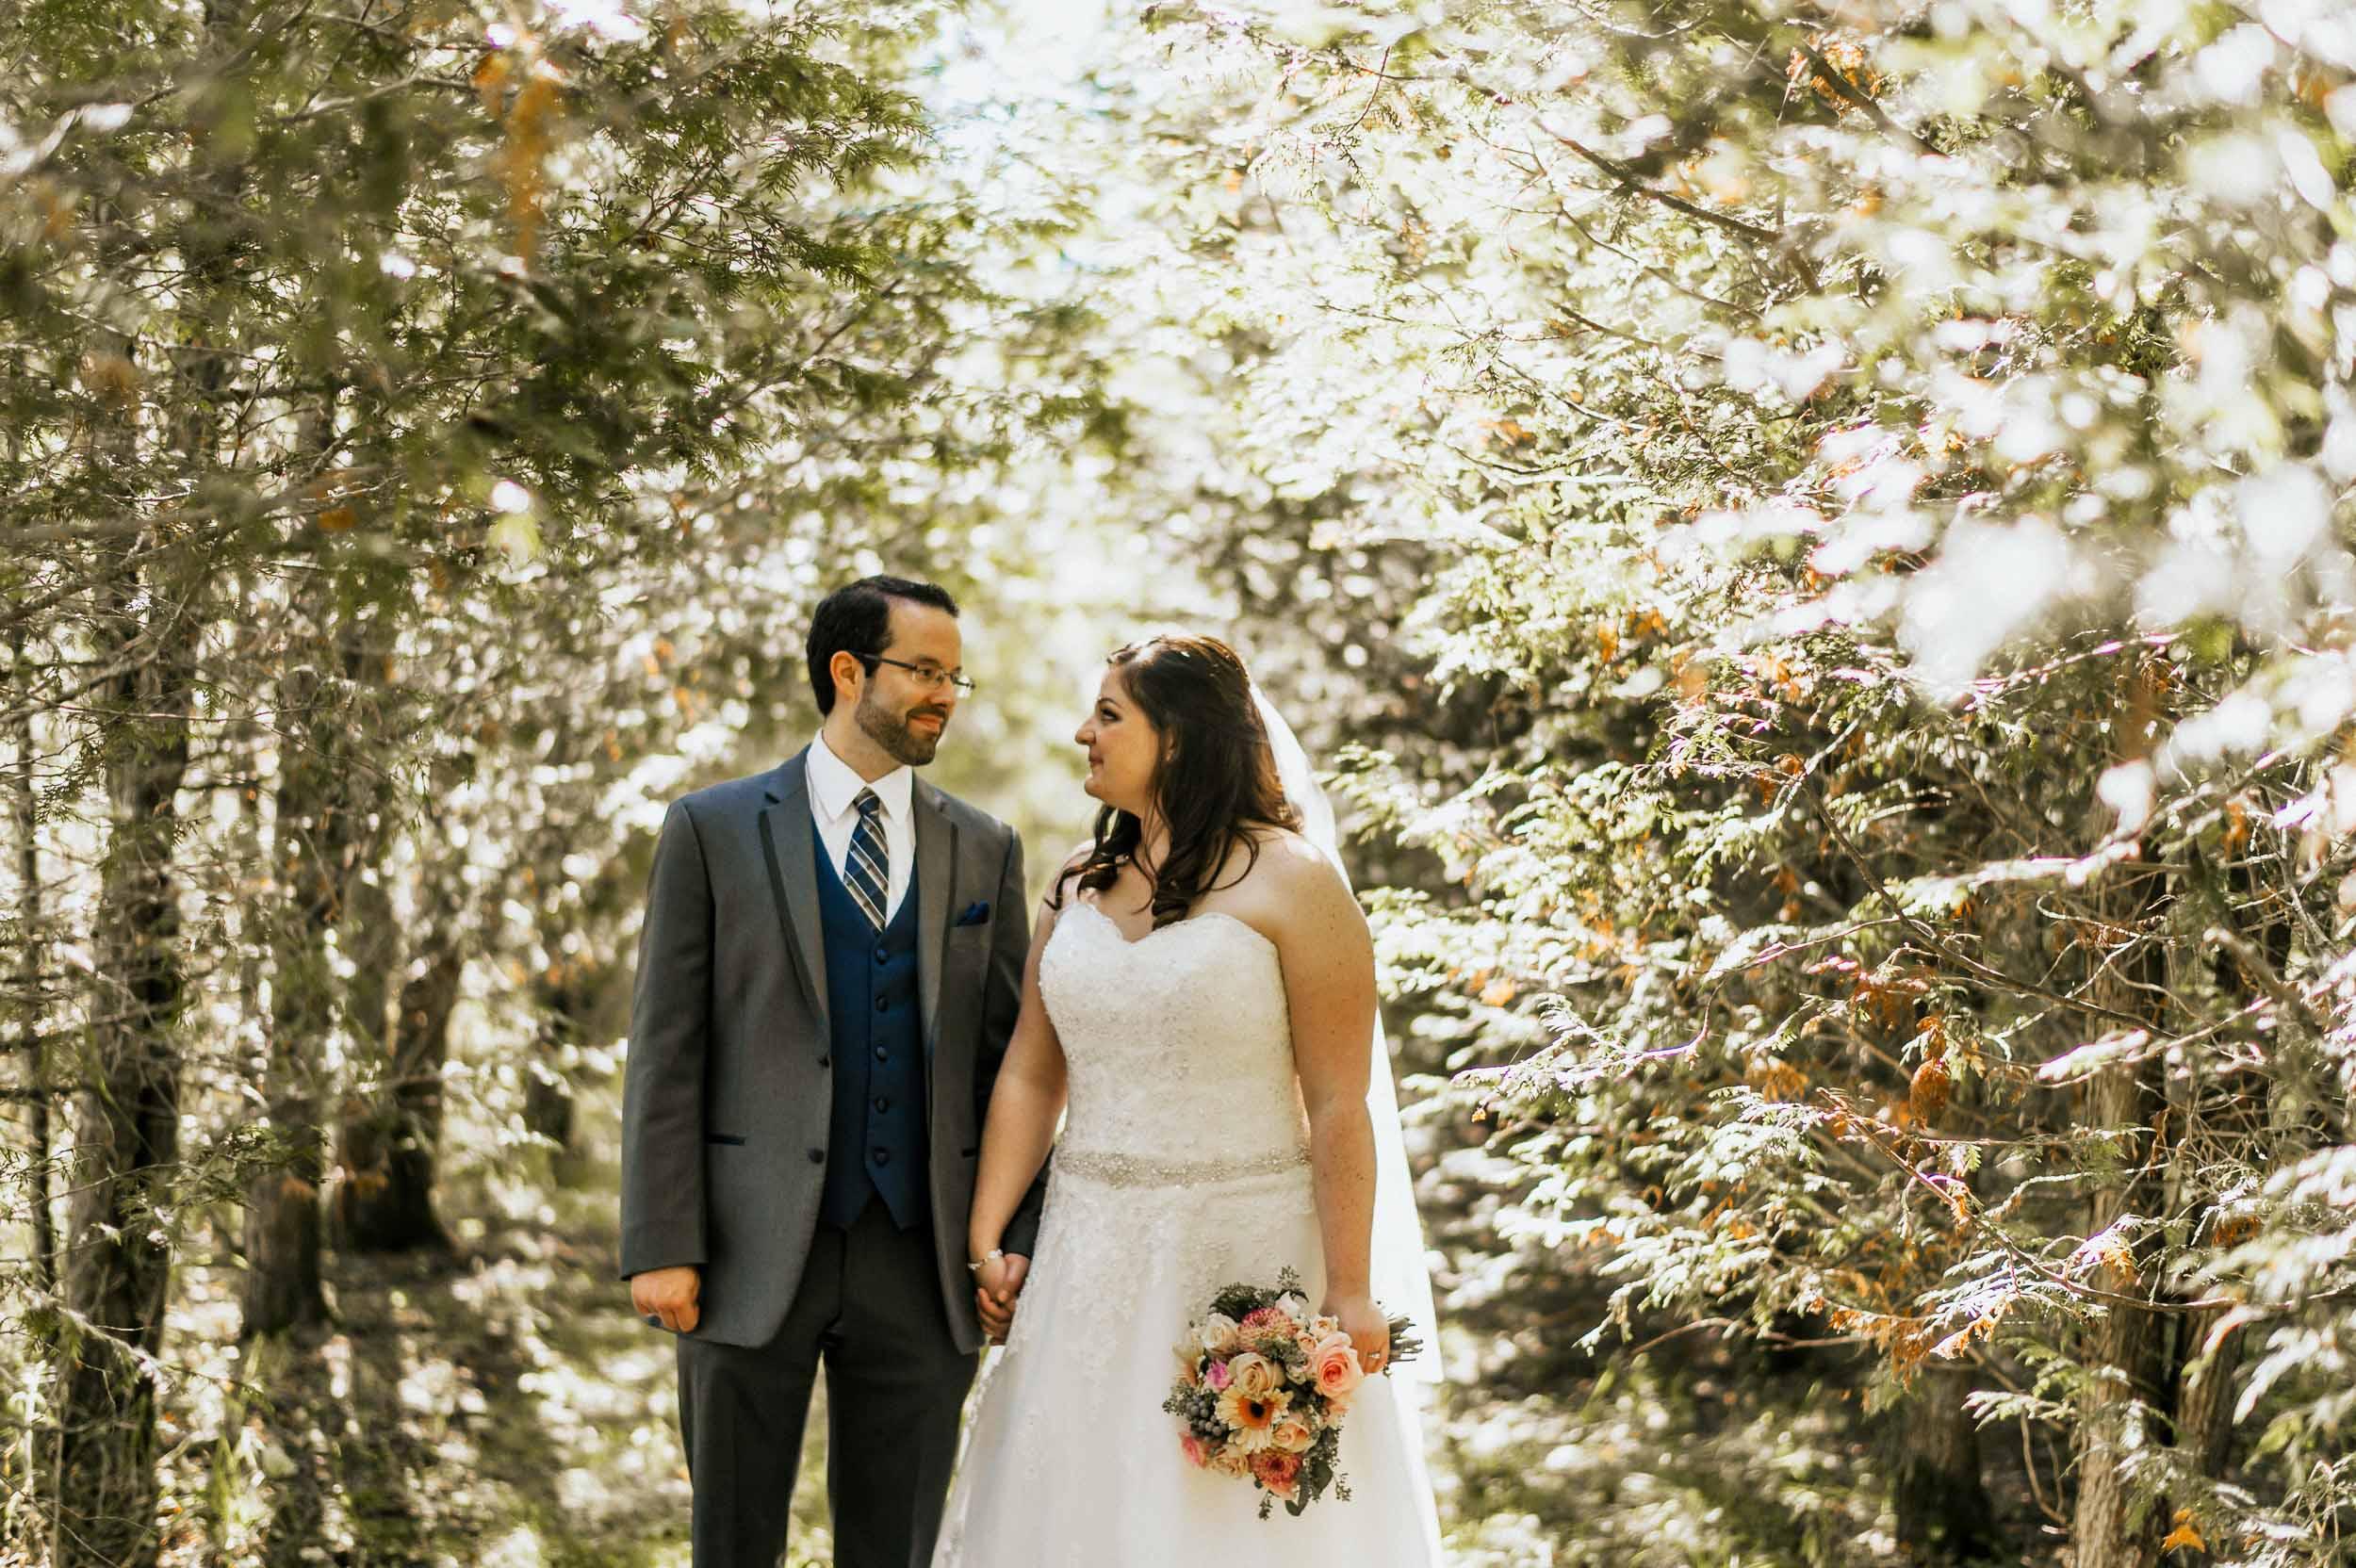 wedding-photography-stratford-davidiam-219.jpg